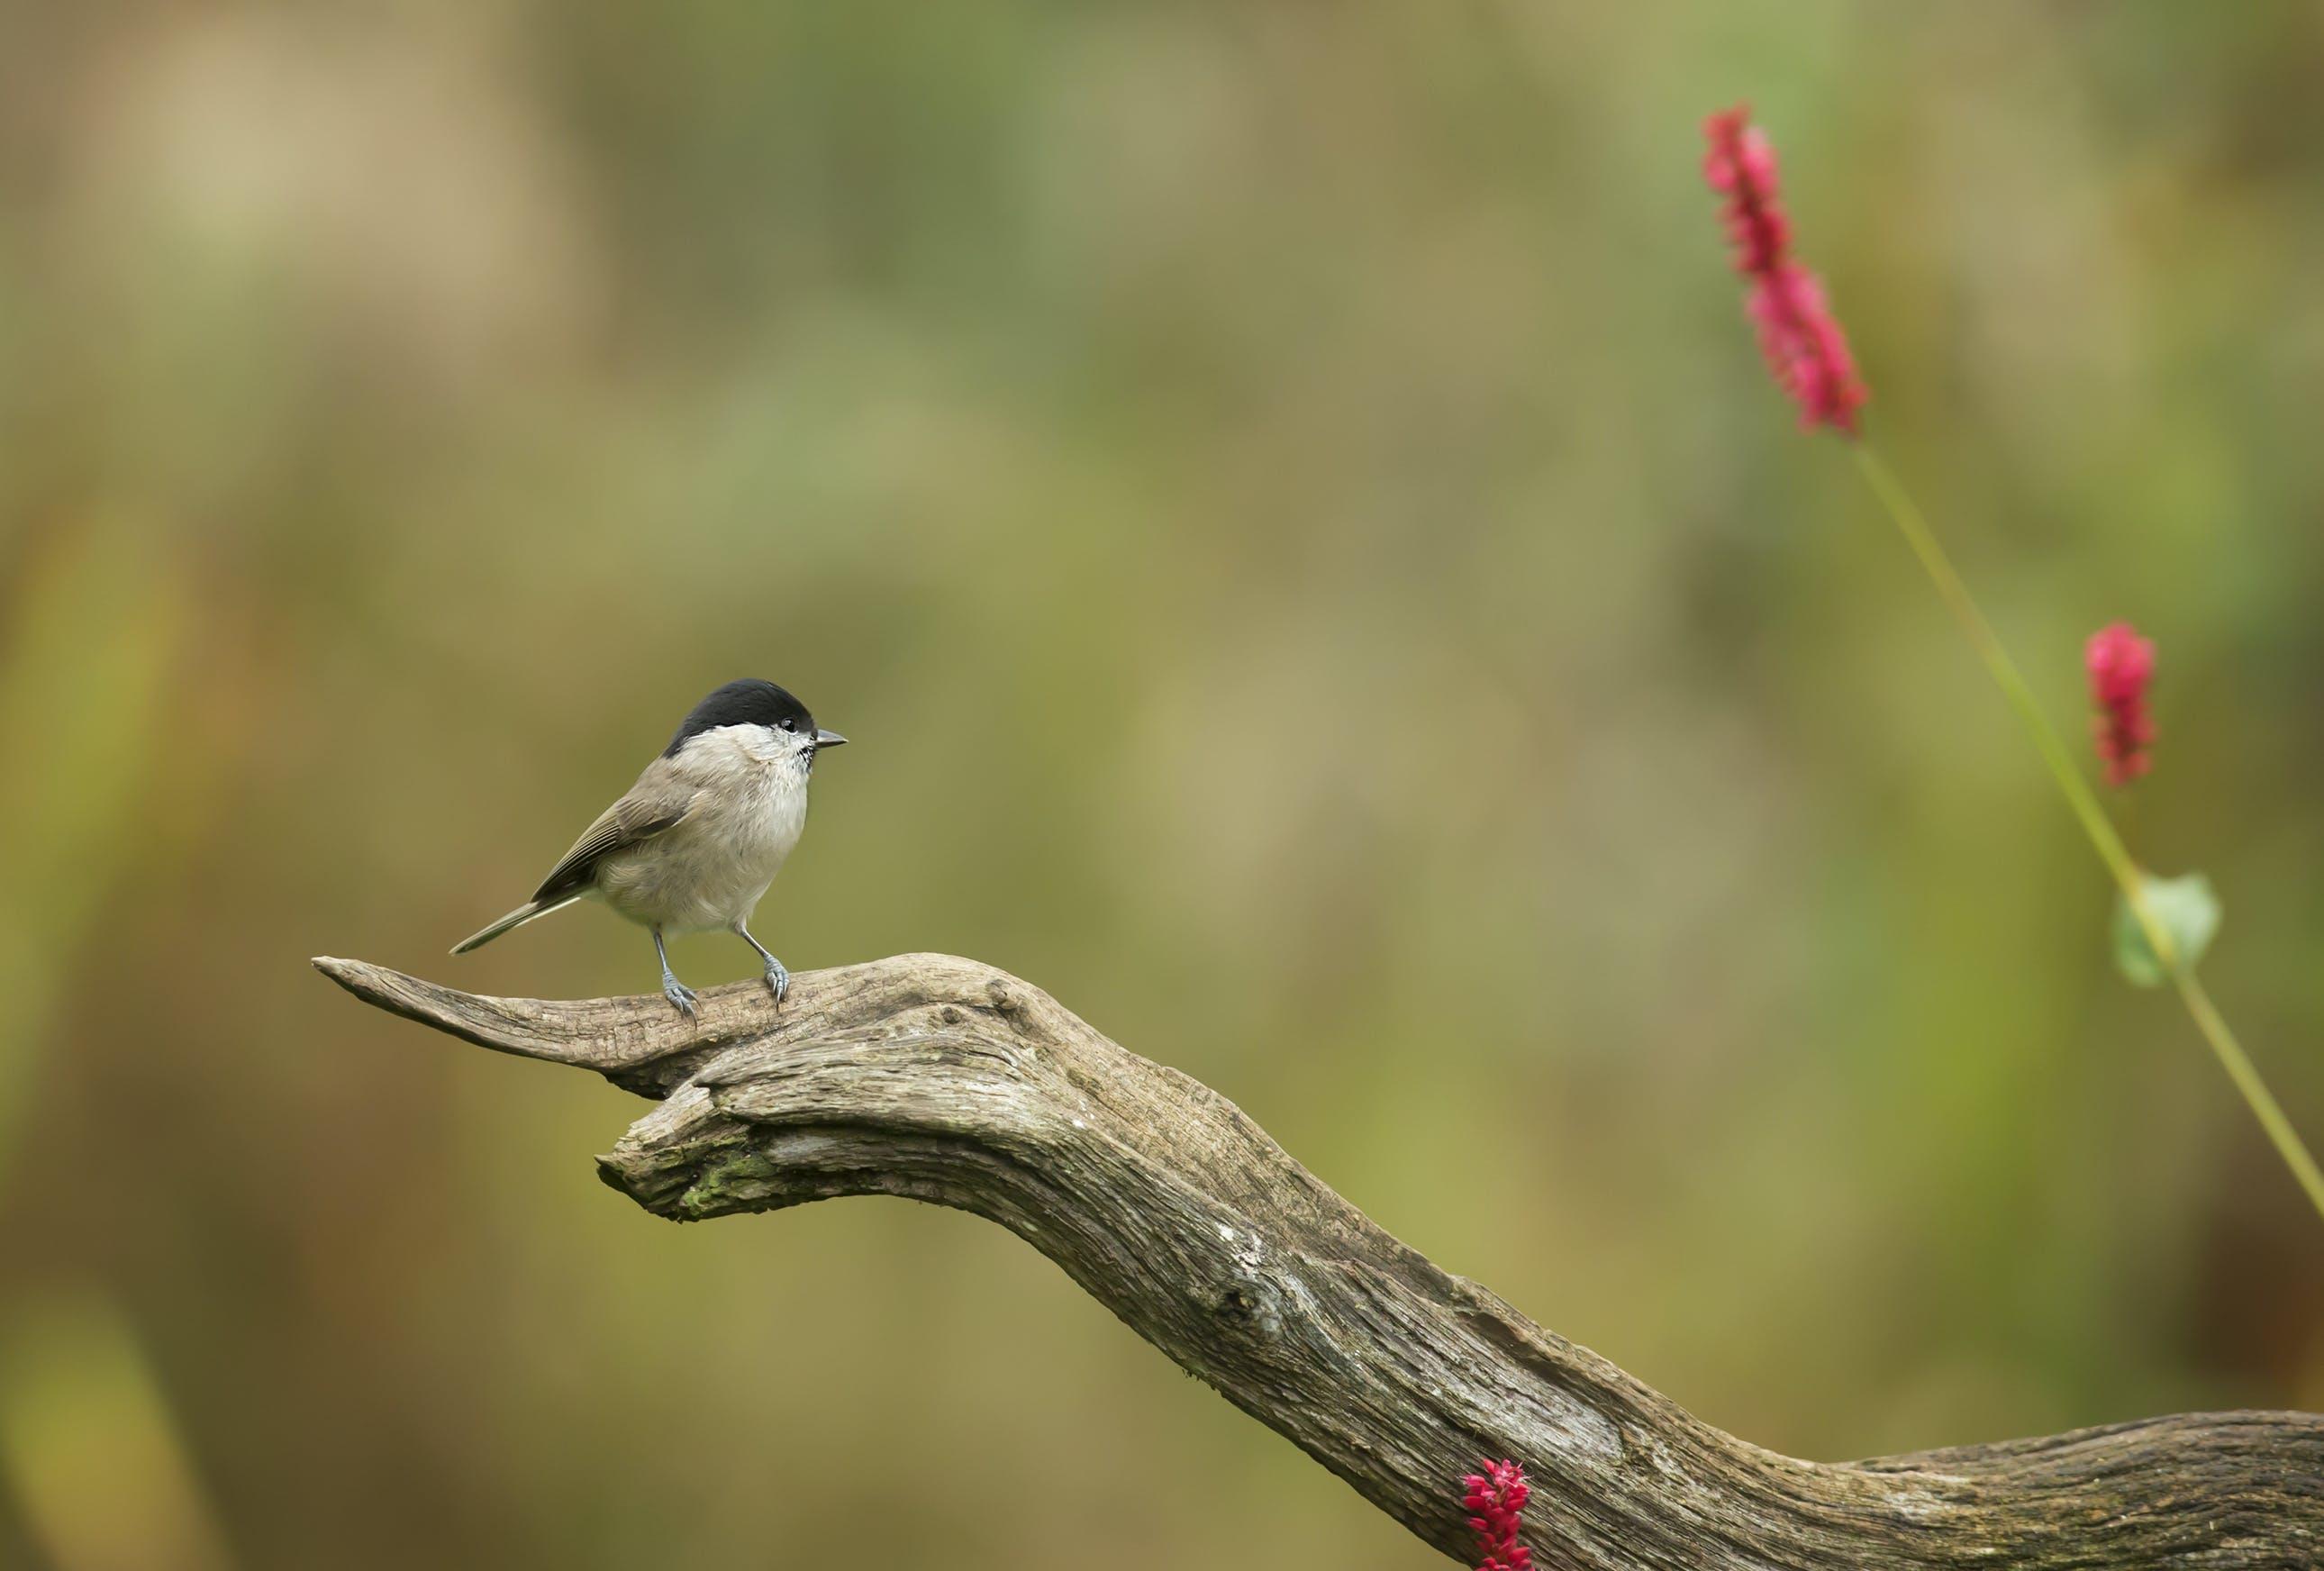 Kostenloses Stock Foto zu holz, natur, vogel, blumen